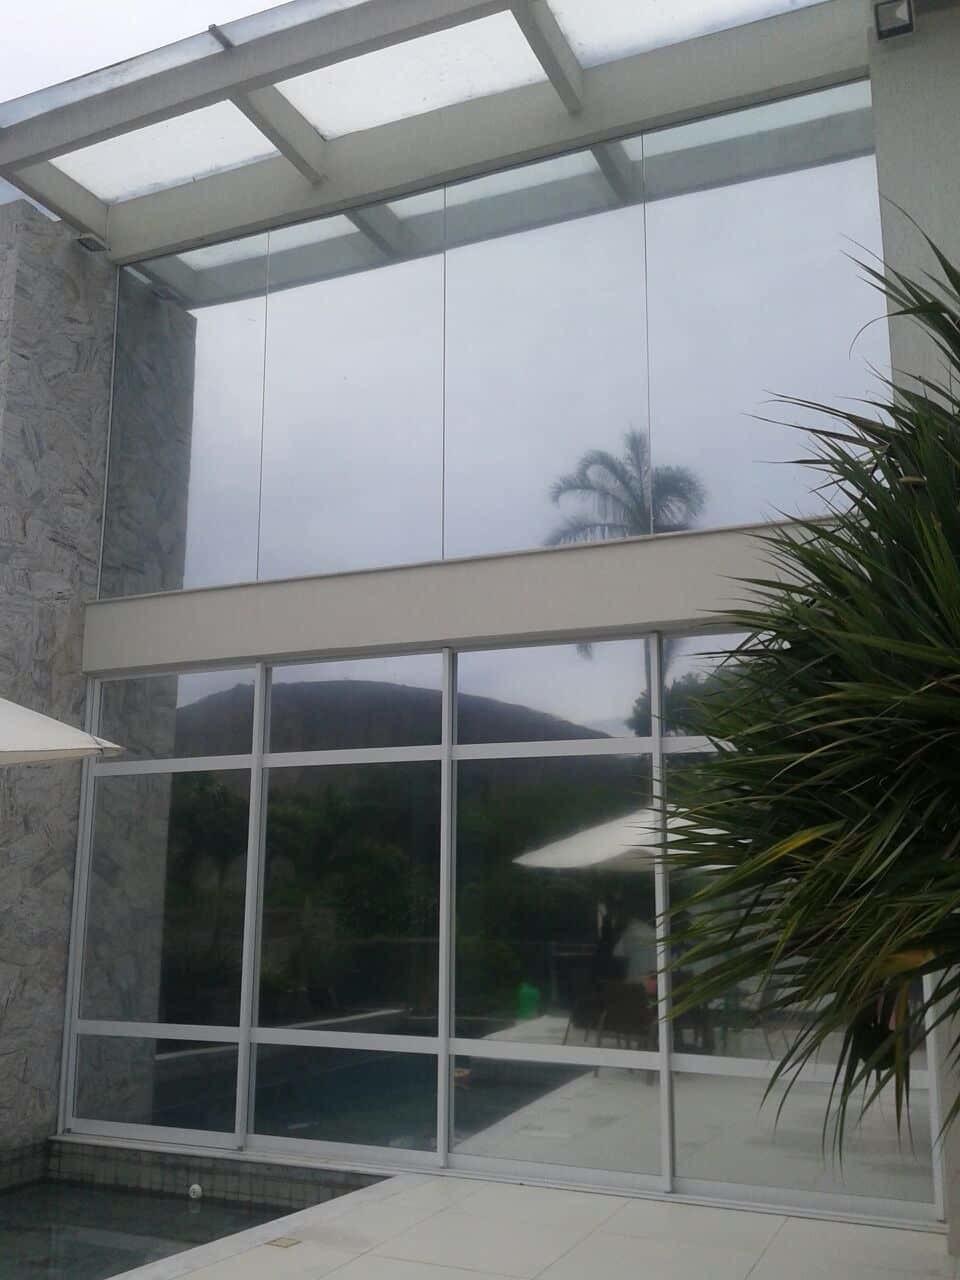 insulfilm espelhado residencial rj